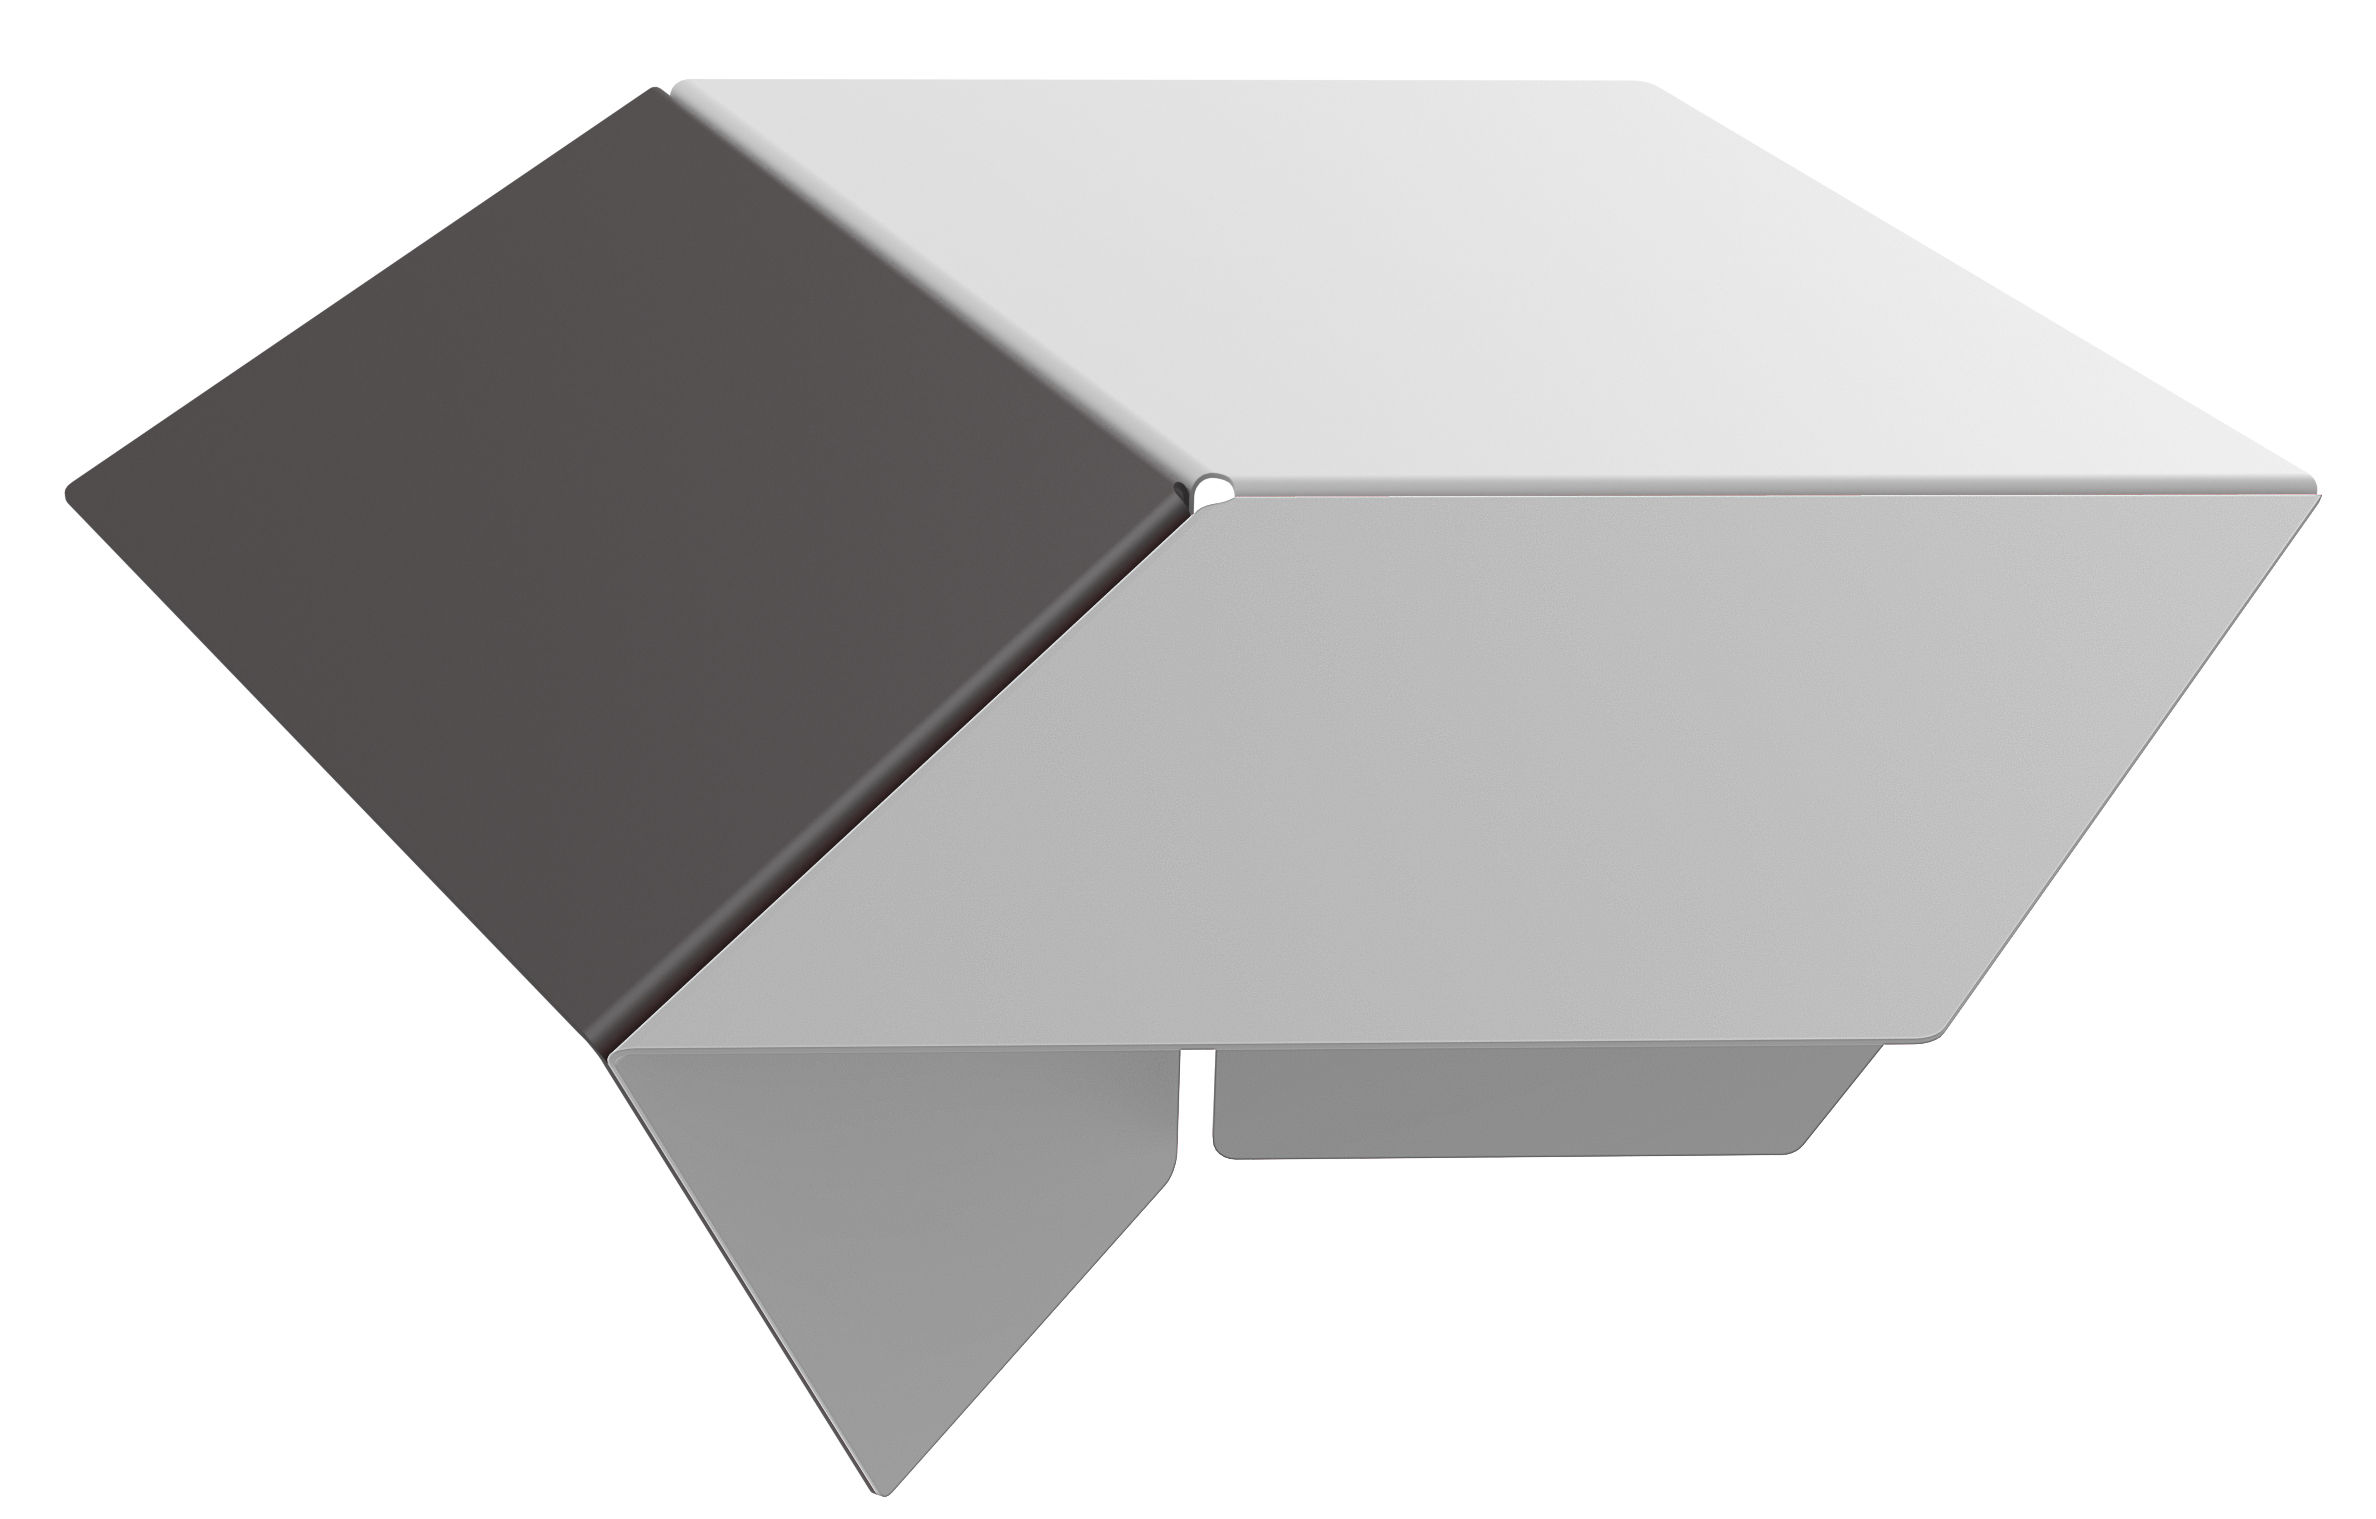 Mobilier - Tables basses - Table basse Kuban / H 25 cm - Matière Grise - Gris, Anthracite, Blanc - Acier